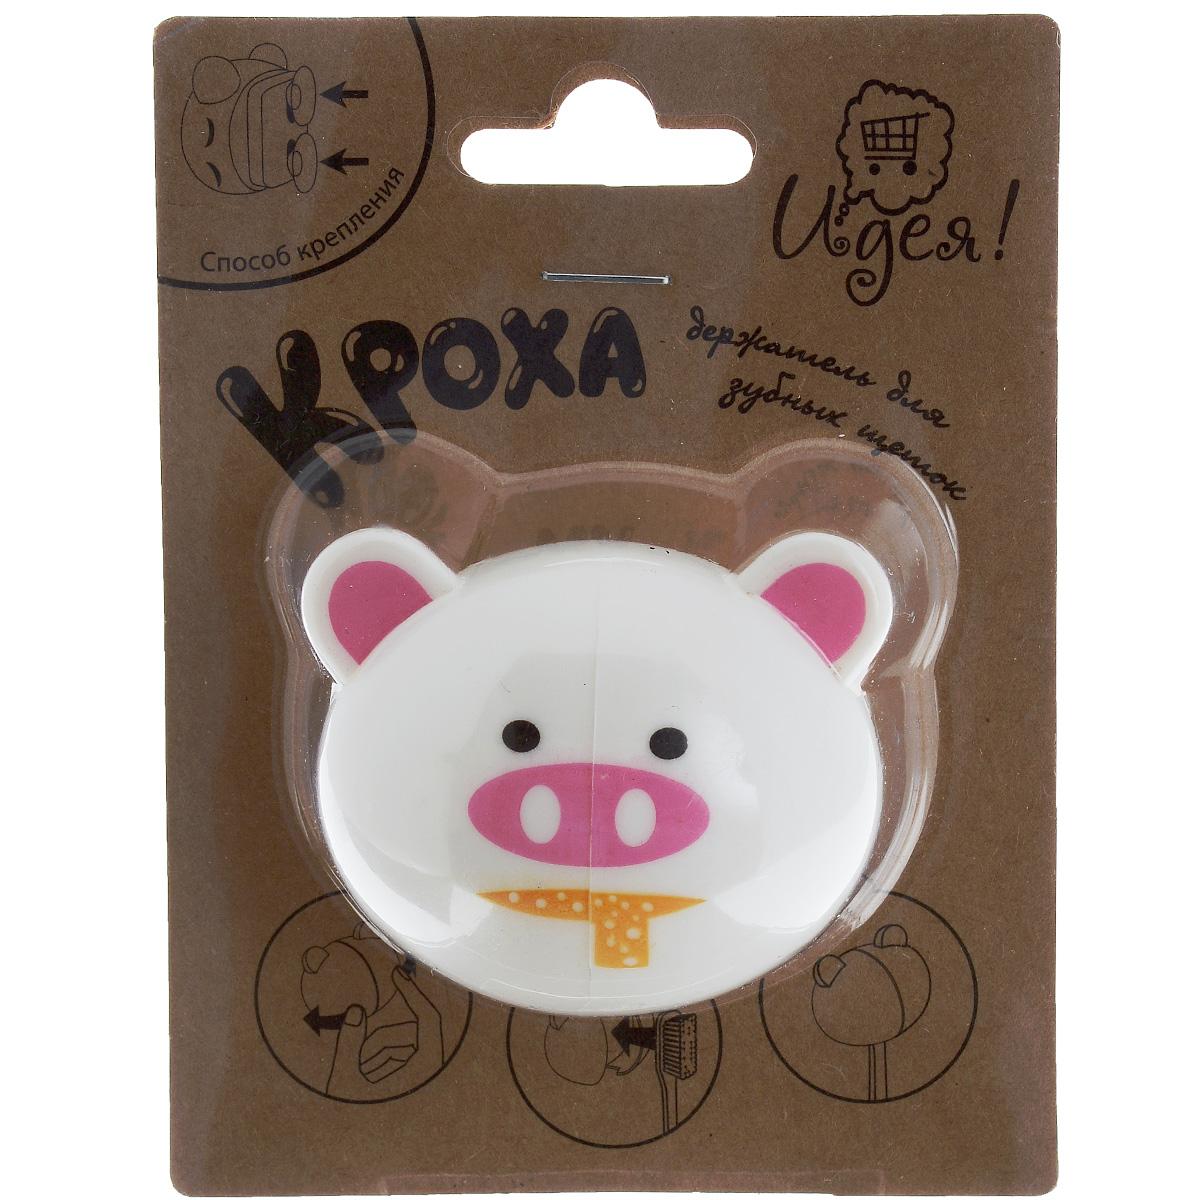 Держатель для зубных щеток Идея Кроха. Мишка, цвет: белый, розовый, оранжевый68/5/3Держатель для зубных щеток Идея Кроха. Мишка изготовлен из пищевого PVC и ABS пластика и предназначен для удобного хранения зубной щетки. Крепится на чистую, гладкую поверхность при помощи двух присосок (входят в комплект). С помощью держателя Идея Кроха. Мишка зубная щетка останется сухой и чистой. Мыть только вручную.Материал: PVC + ABS пластик.